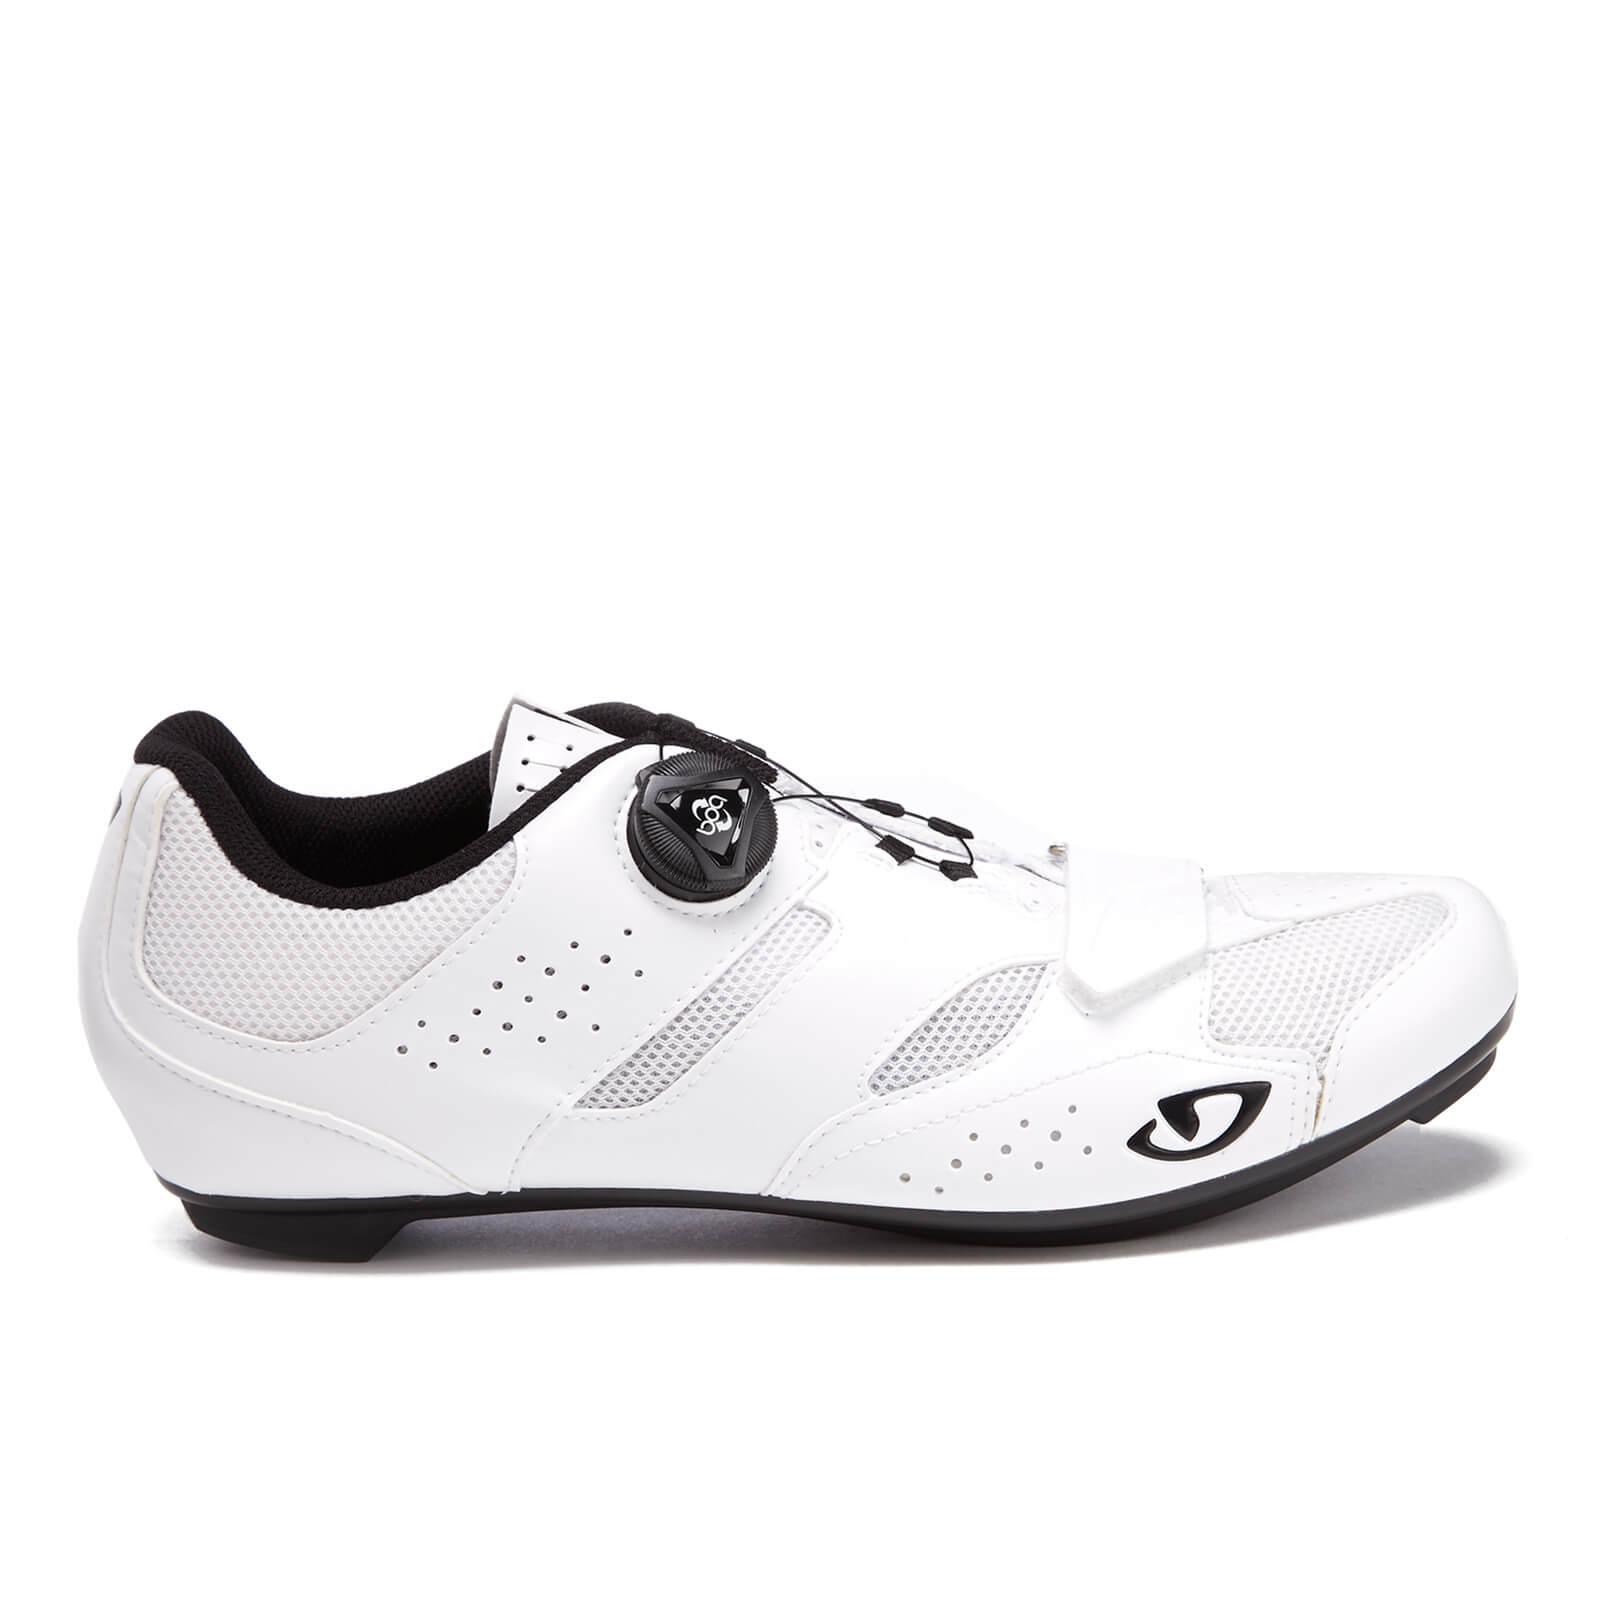 Giro Savix Shoes White